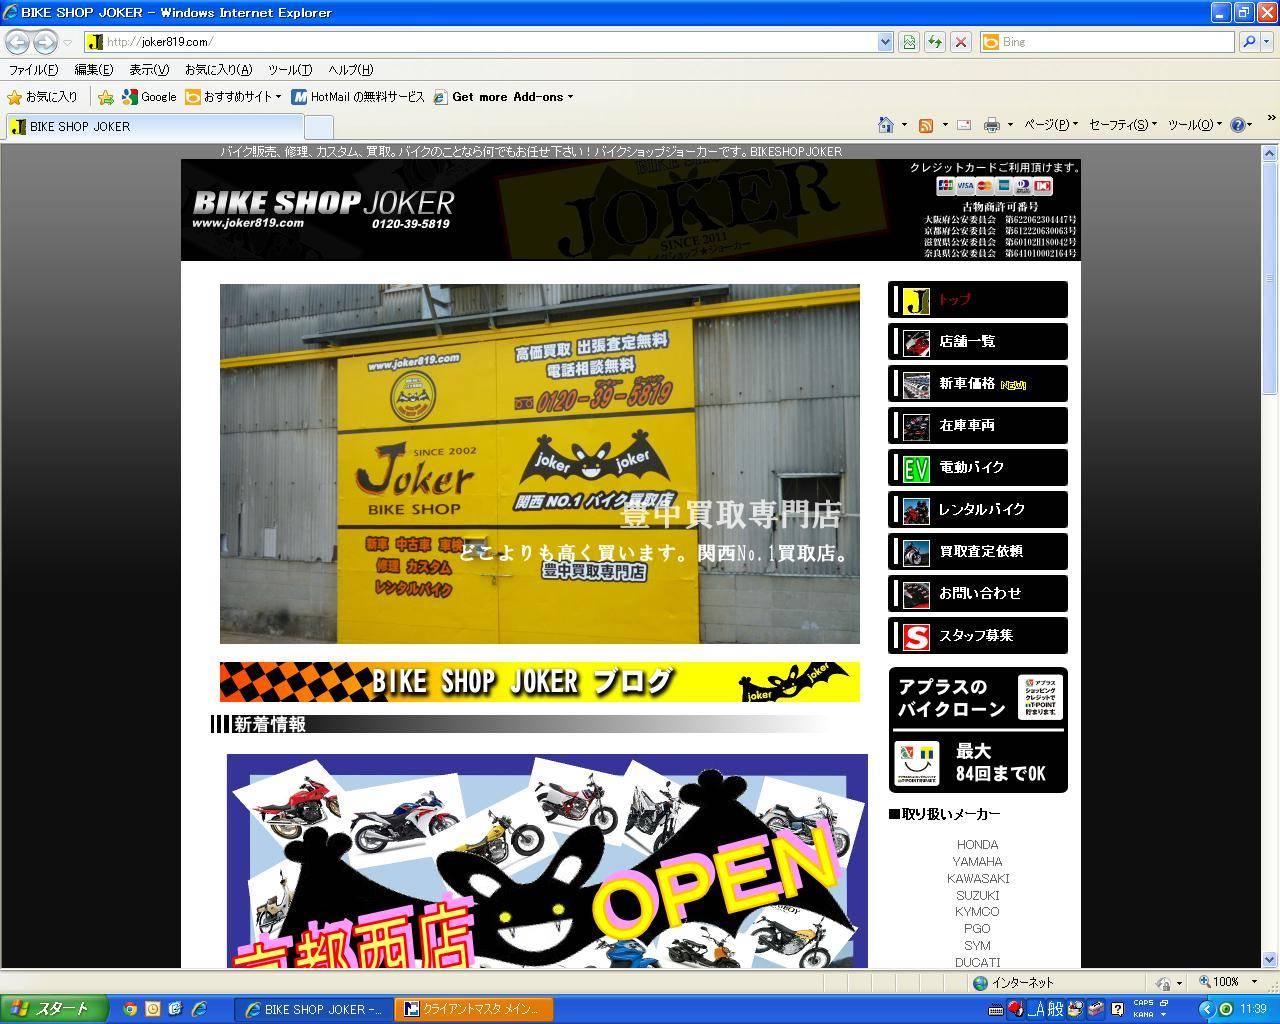 バイクショップ ジョーカー 京都西店 OFFICE GUTS�